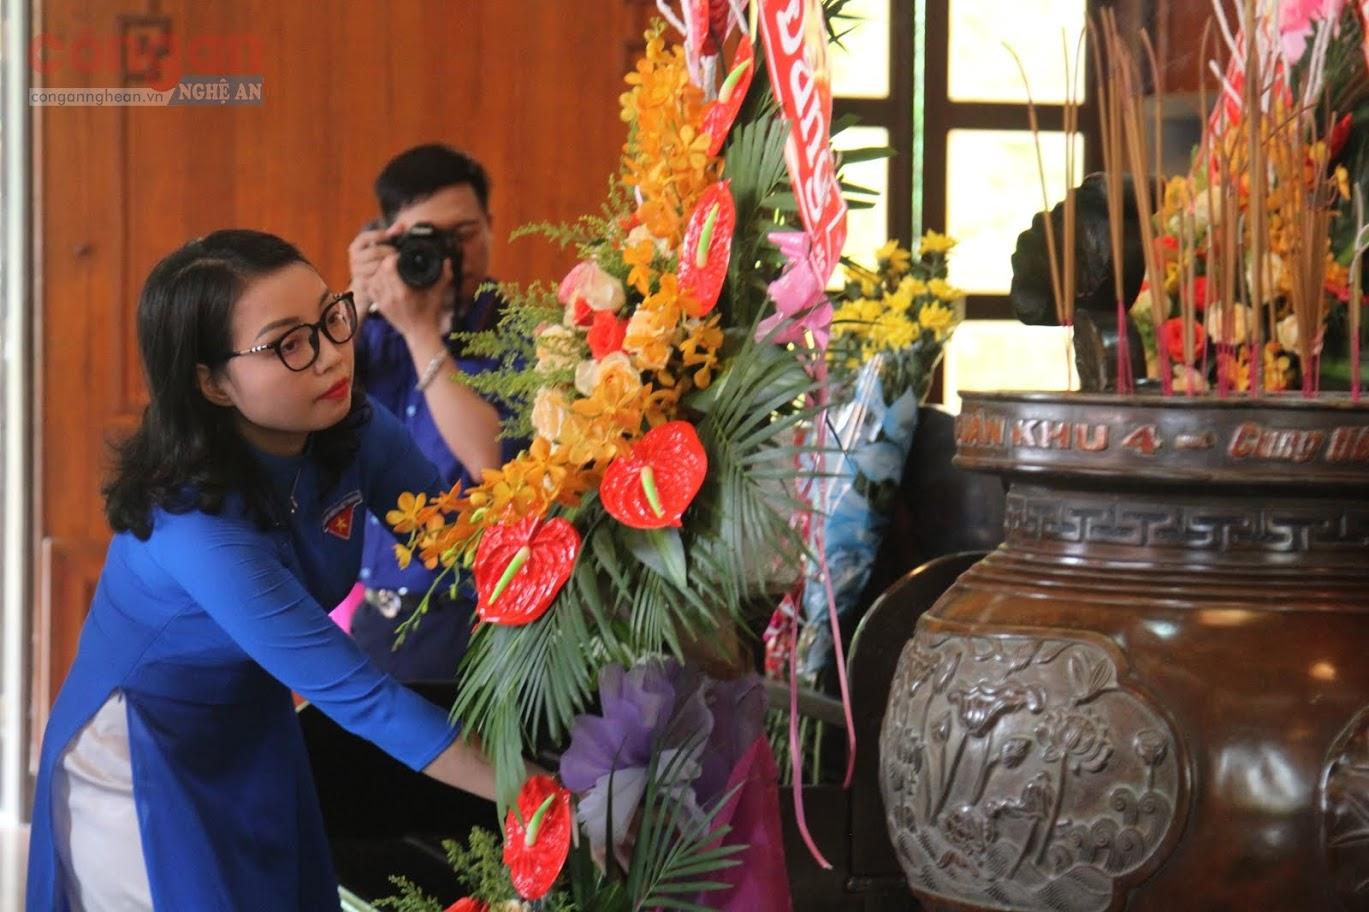 Tuổi trẻ Nghệ An làm lễ dâng hoa, dâng hương tưởng niệm Chủ tịch Hồ Chí Minh tại Khu di tích Quốc gia đặc biệt Kim Liên